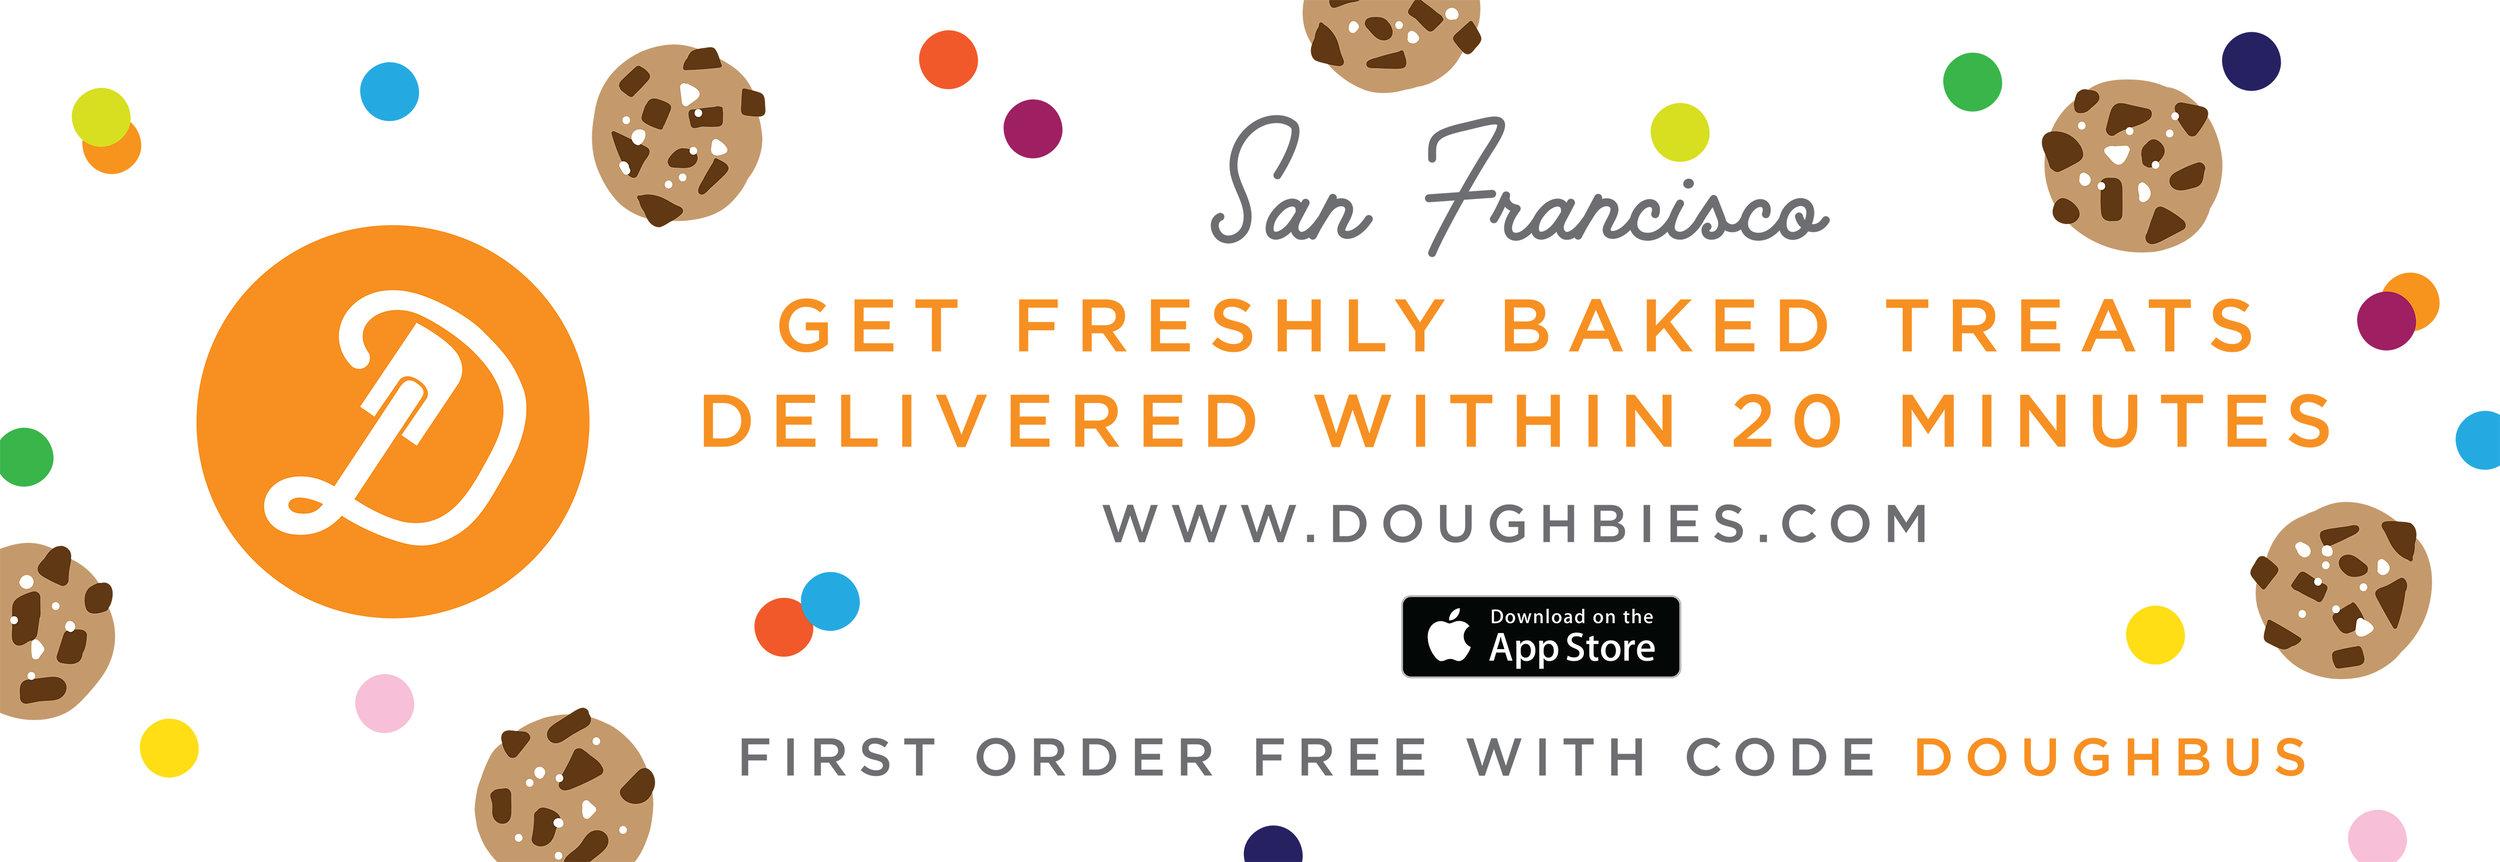 Doughbies SFMTA Campaign